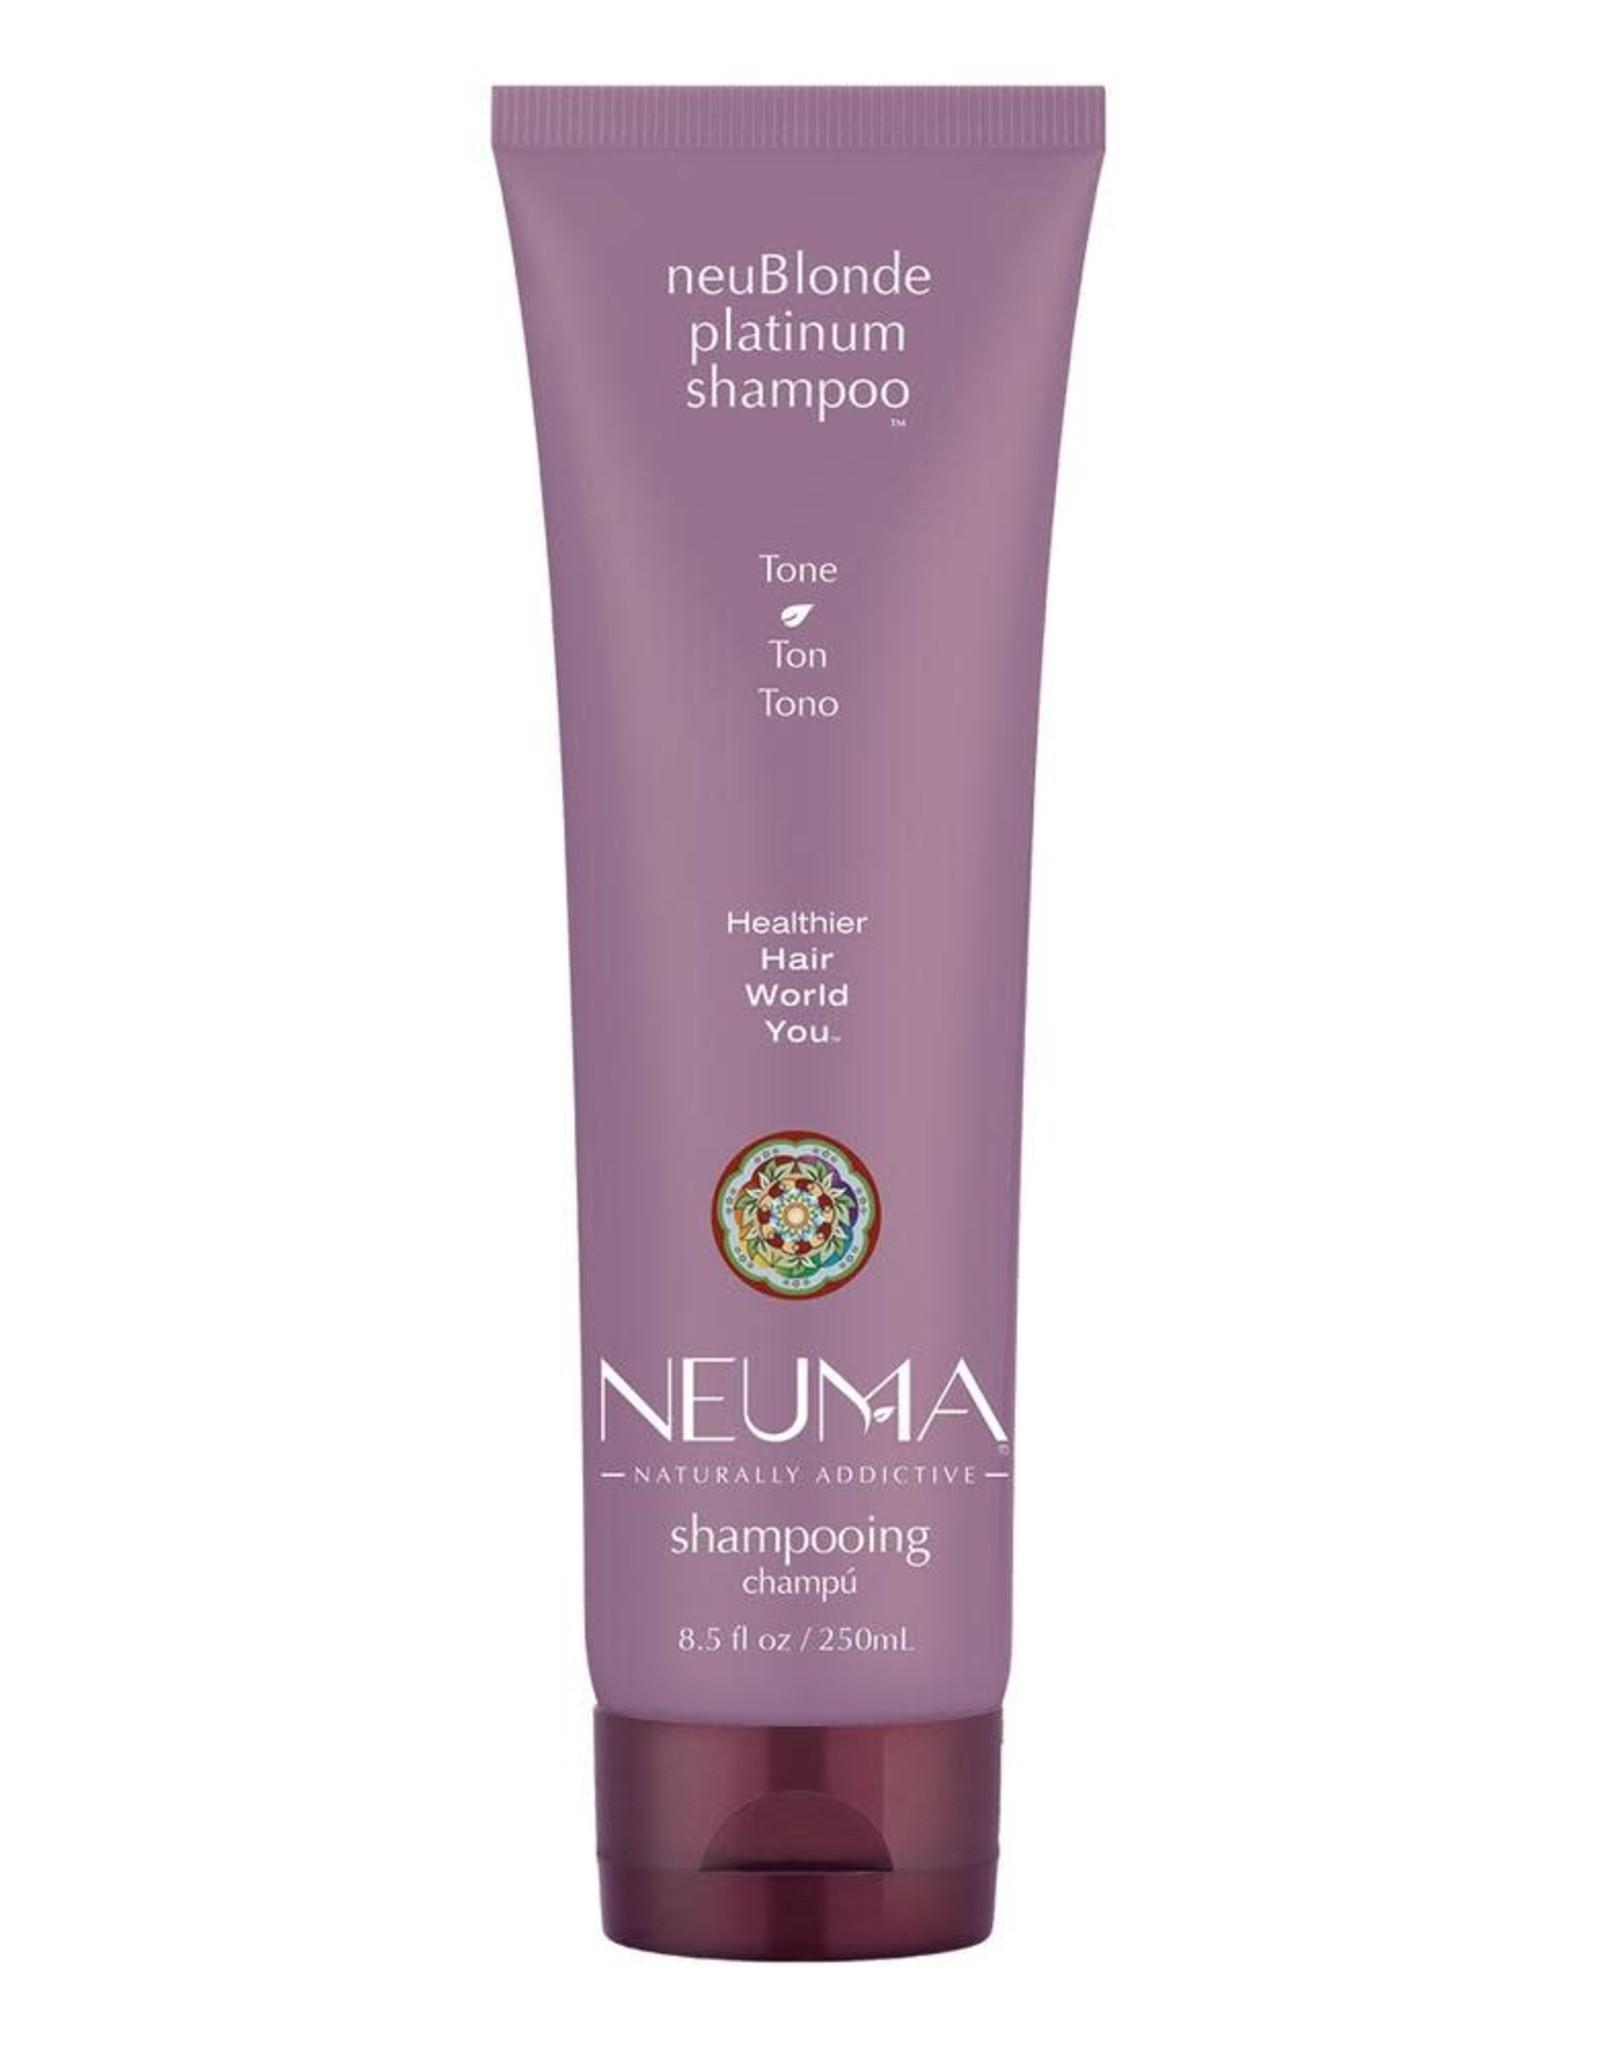 Neuma neuBlonde Platinum Shampoo